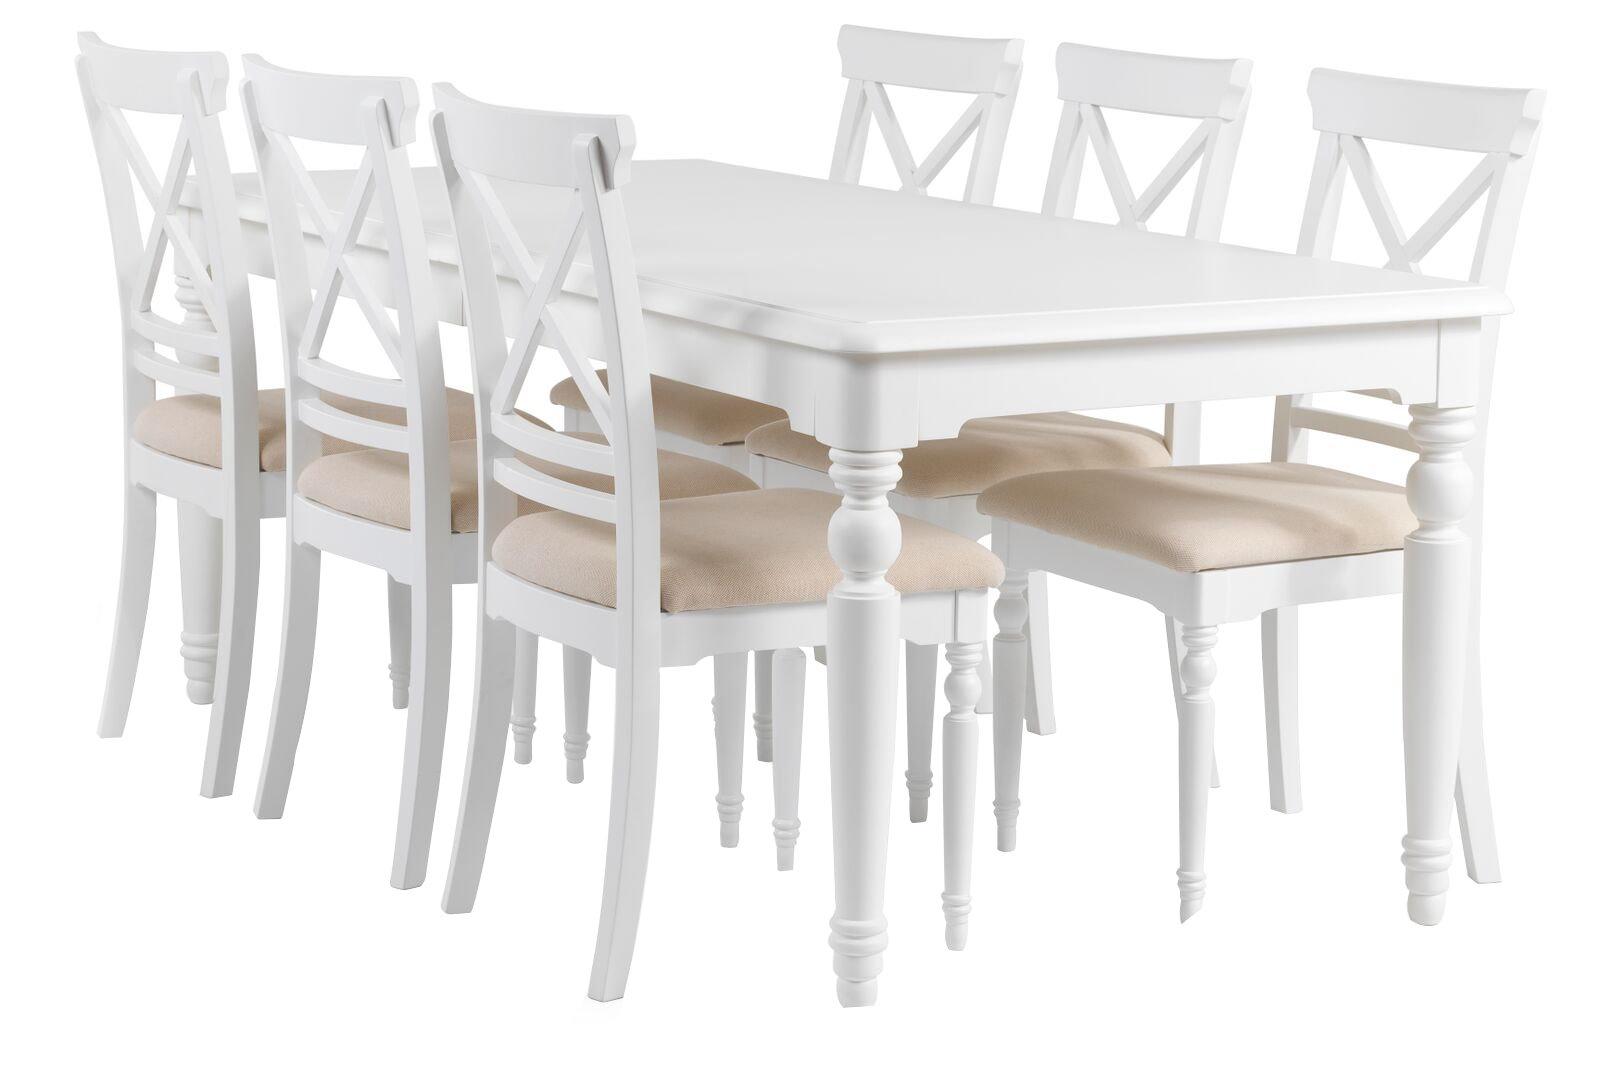 essgruppe charlot esstisch 6 st hle tischgruppe esszimmer tisch stuhl wei 7435110679687 ebay. Black Bedroom Furniture Sets. Home Design Ideas